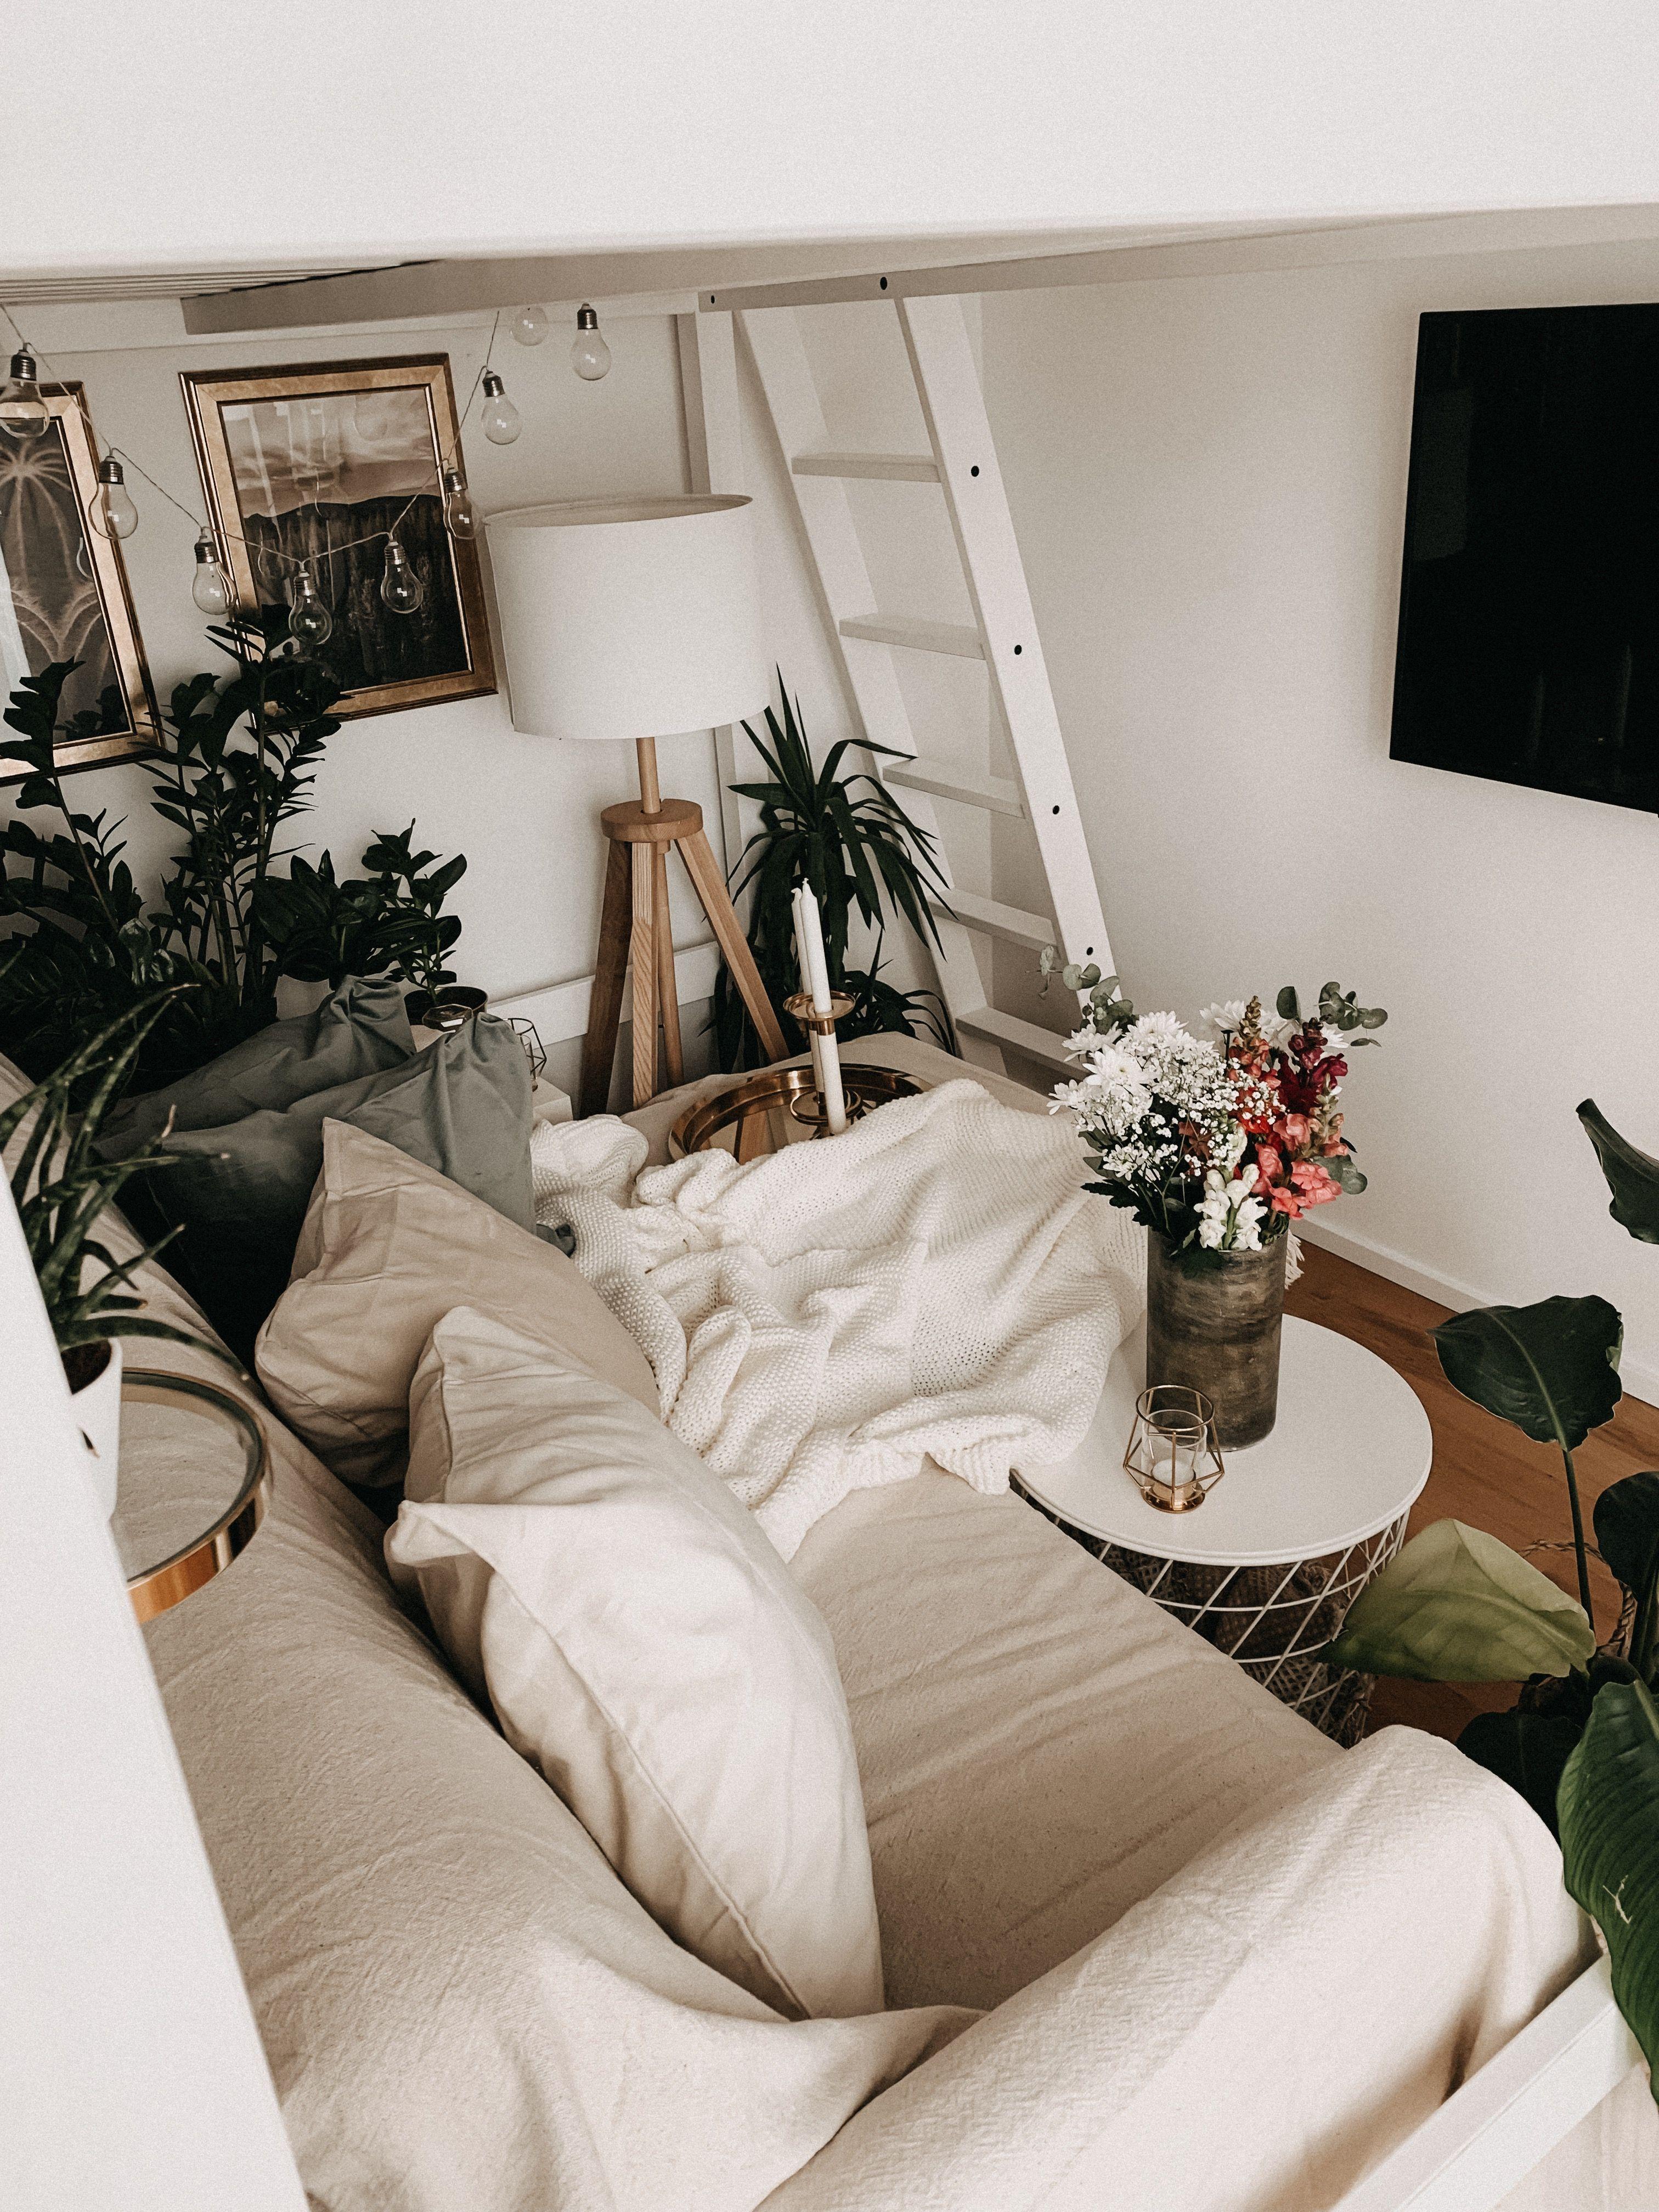 Ikea Deko Challenge – Kleine Wohnung mit Hochbett umdekorieren